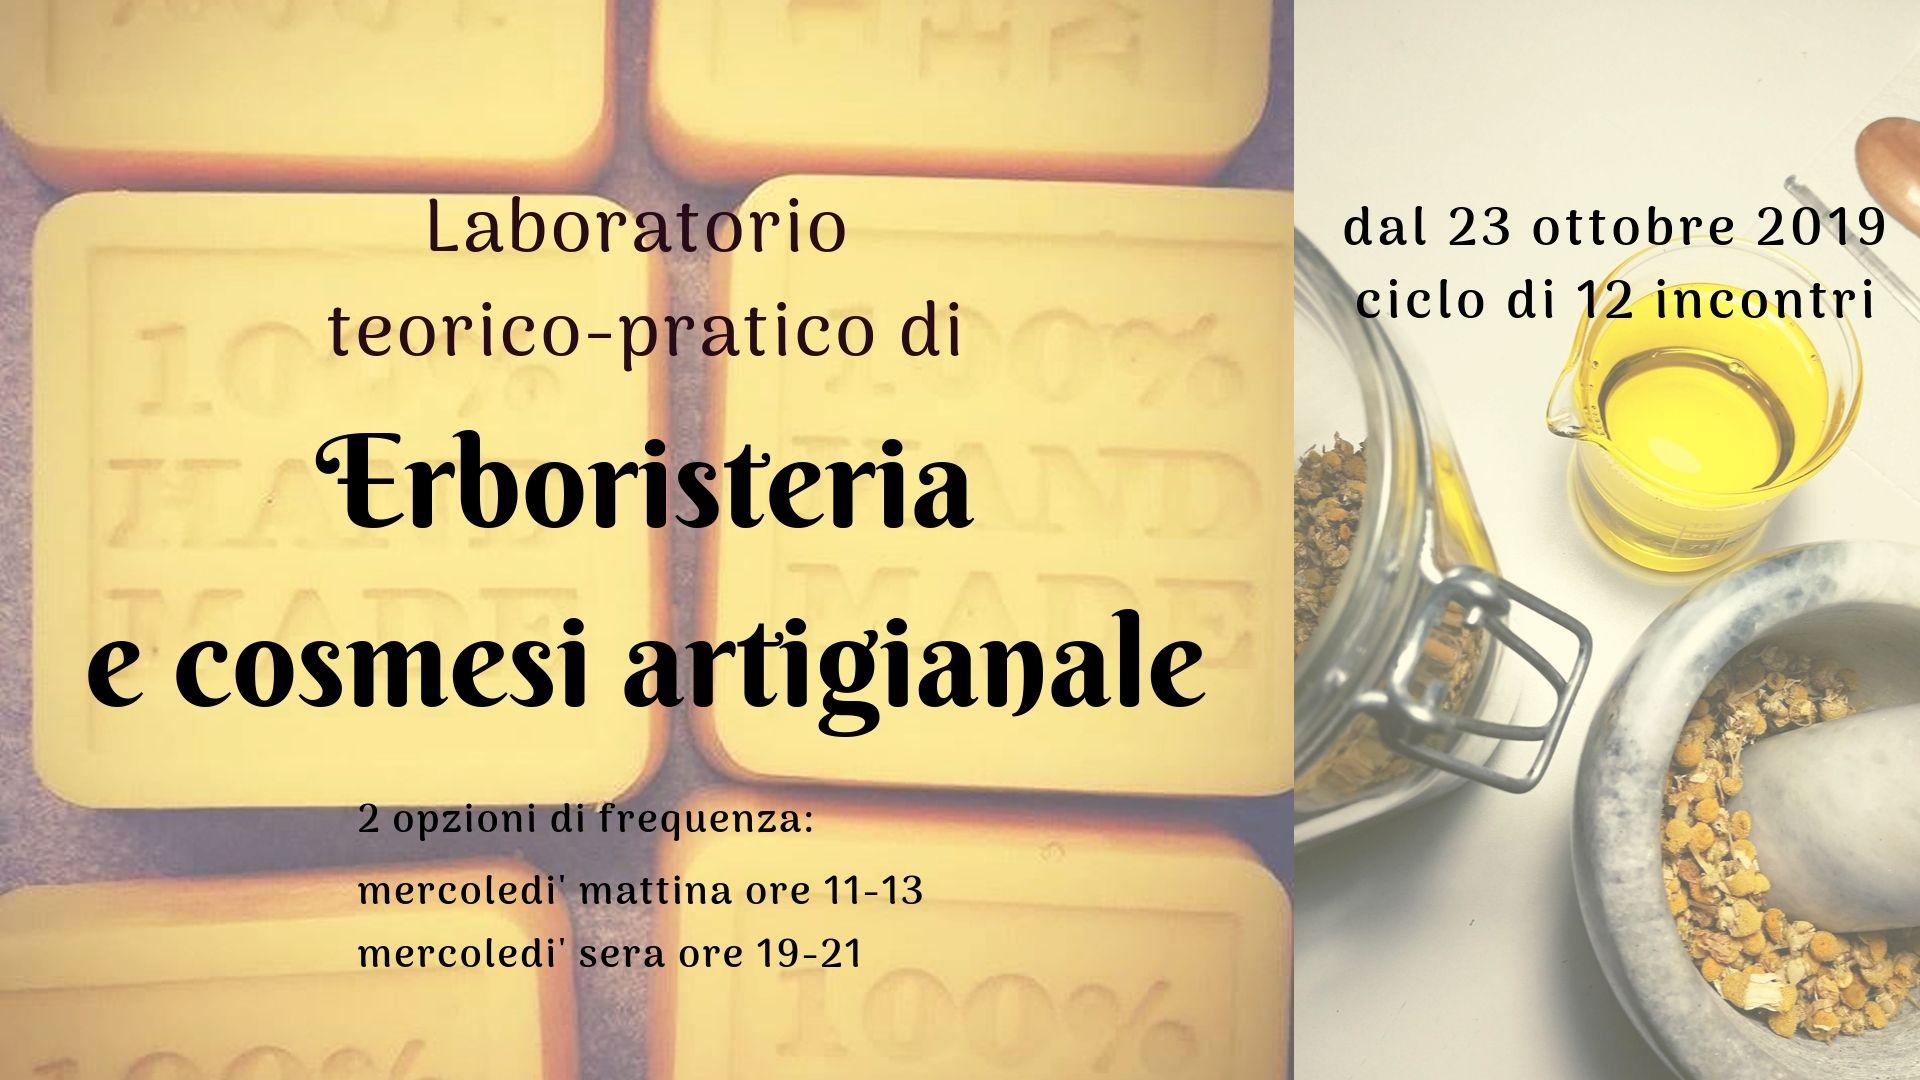 Dal 23 ottobre 2019 laboratorio di erboristeria e cosmesi artigianale @ QC Lab - via dei Sulpici 141 - Roma - Metro A Porta Furba Quadraro